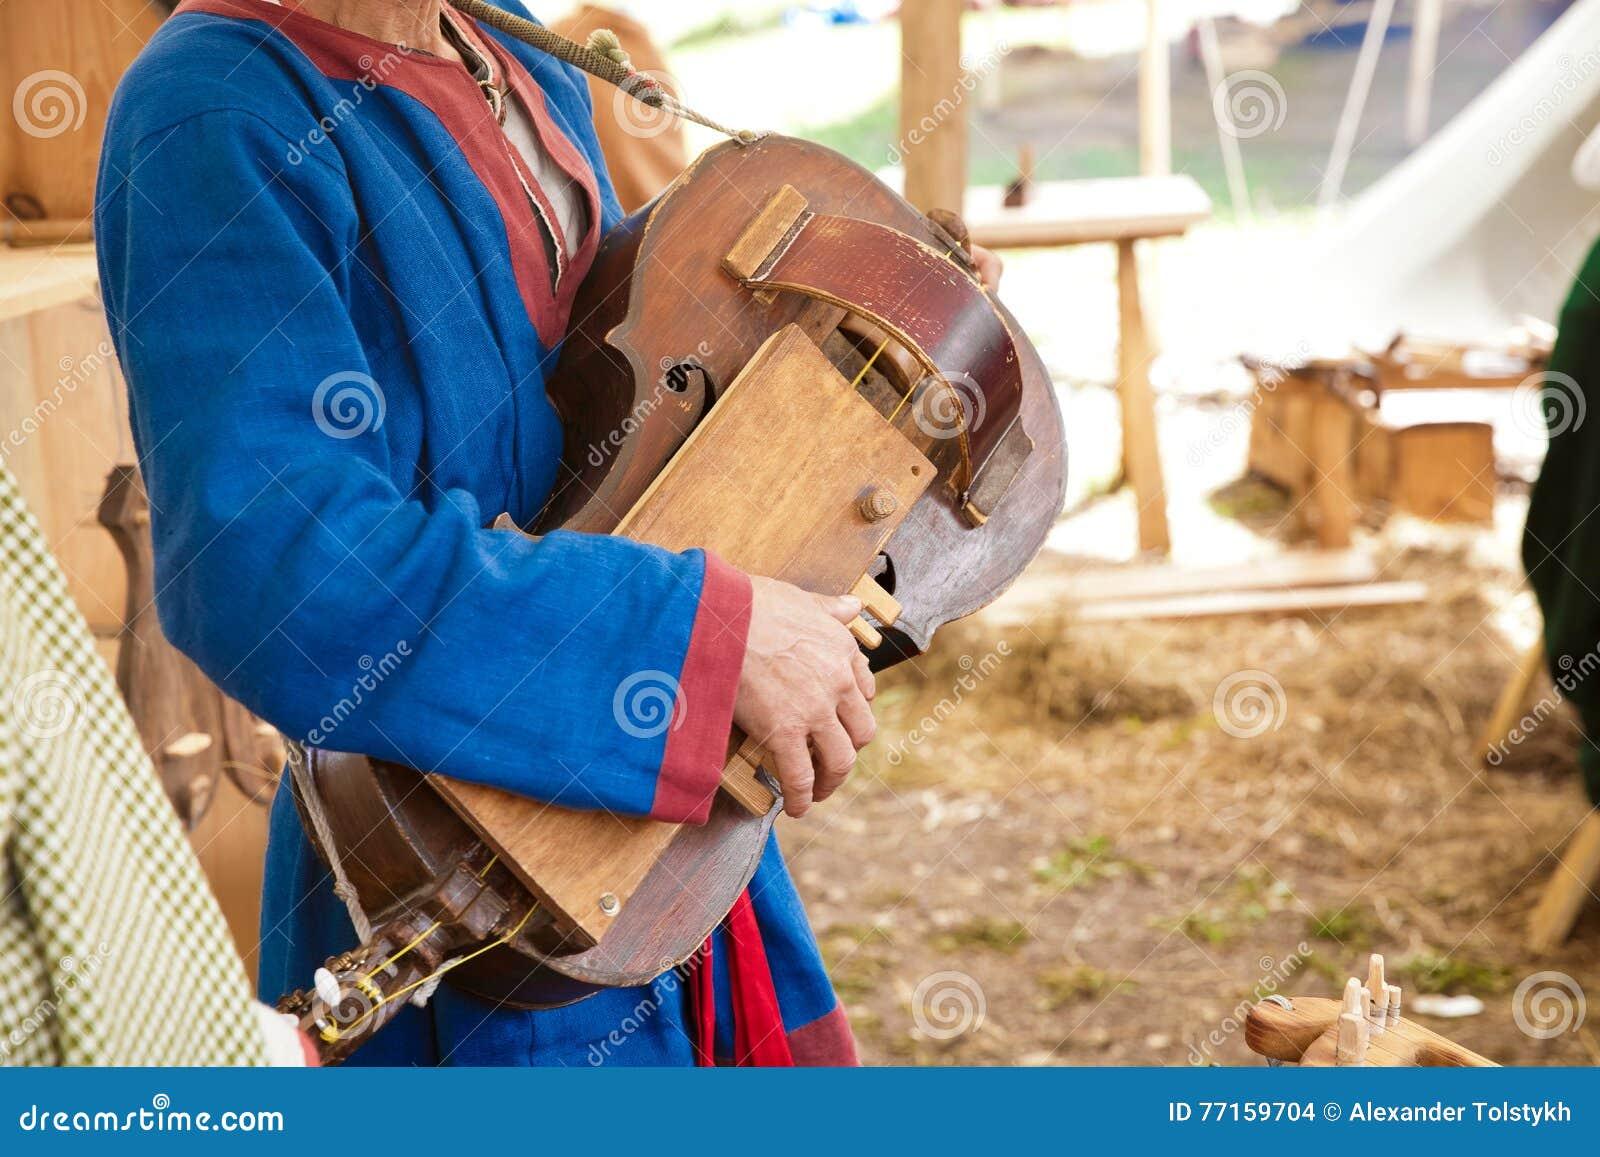 Spela den forntida stränginstrumenten